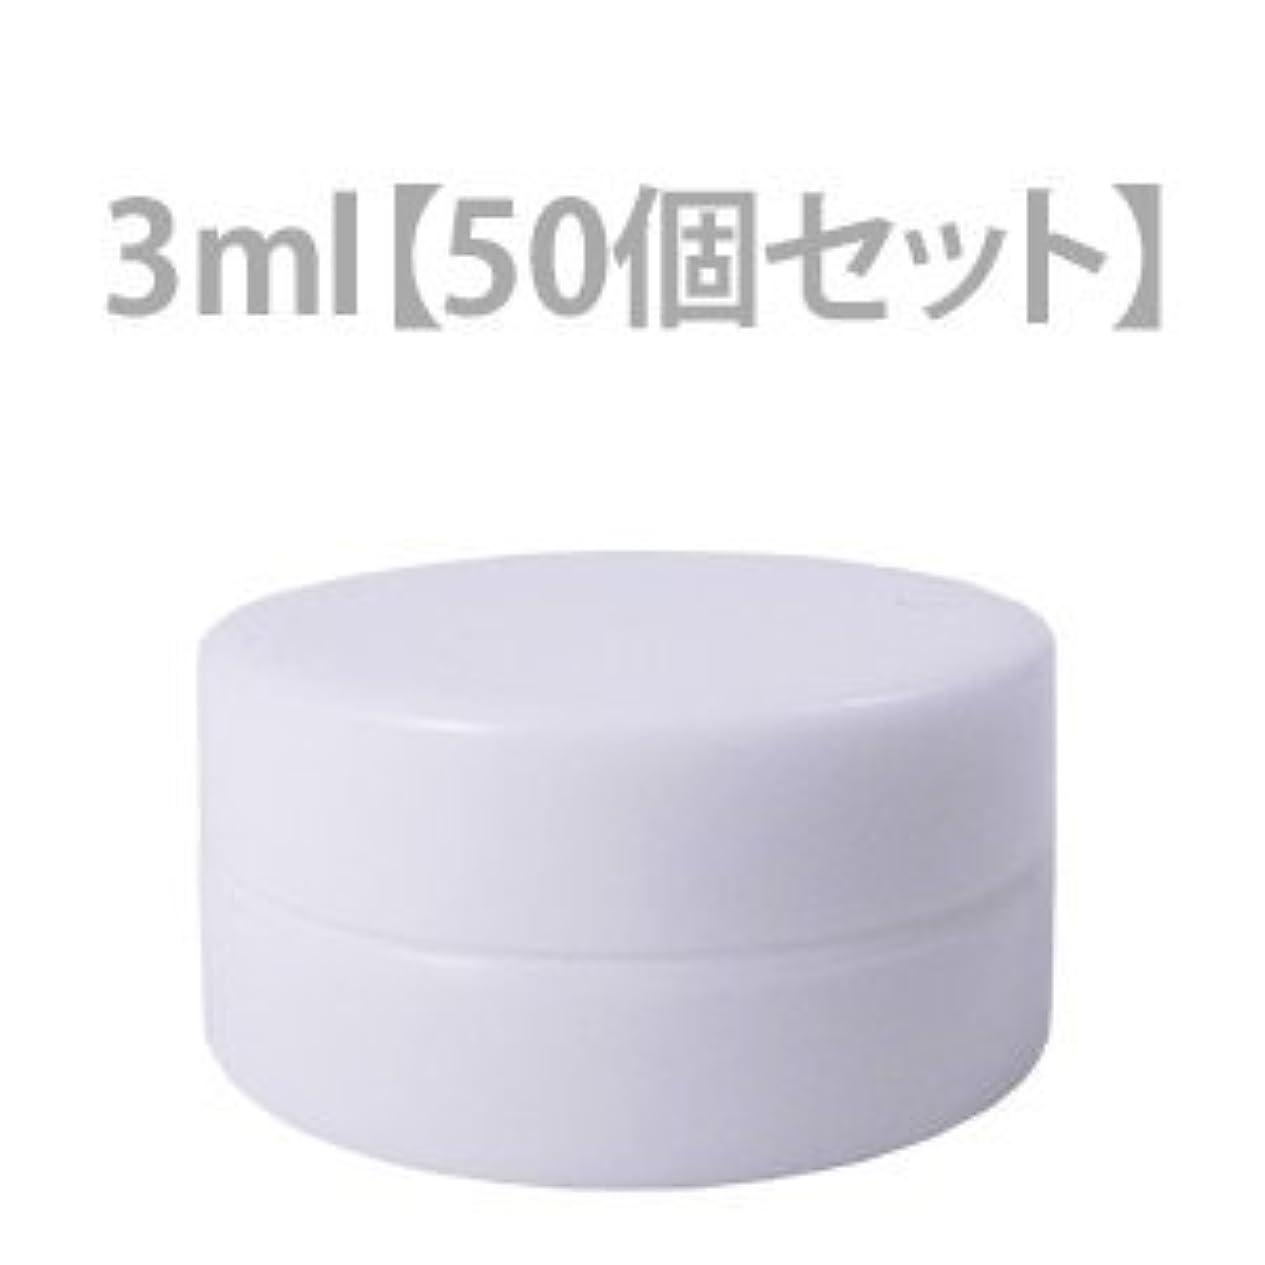 セクタ操作可能千クリーム用容器 3ml (50個セット) 【化粧品容器】